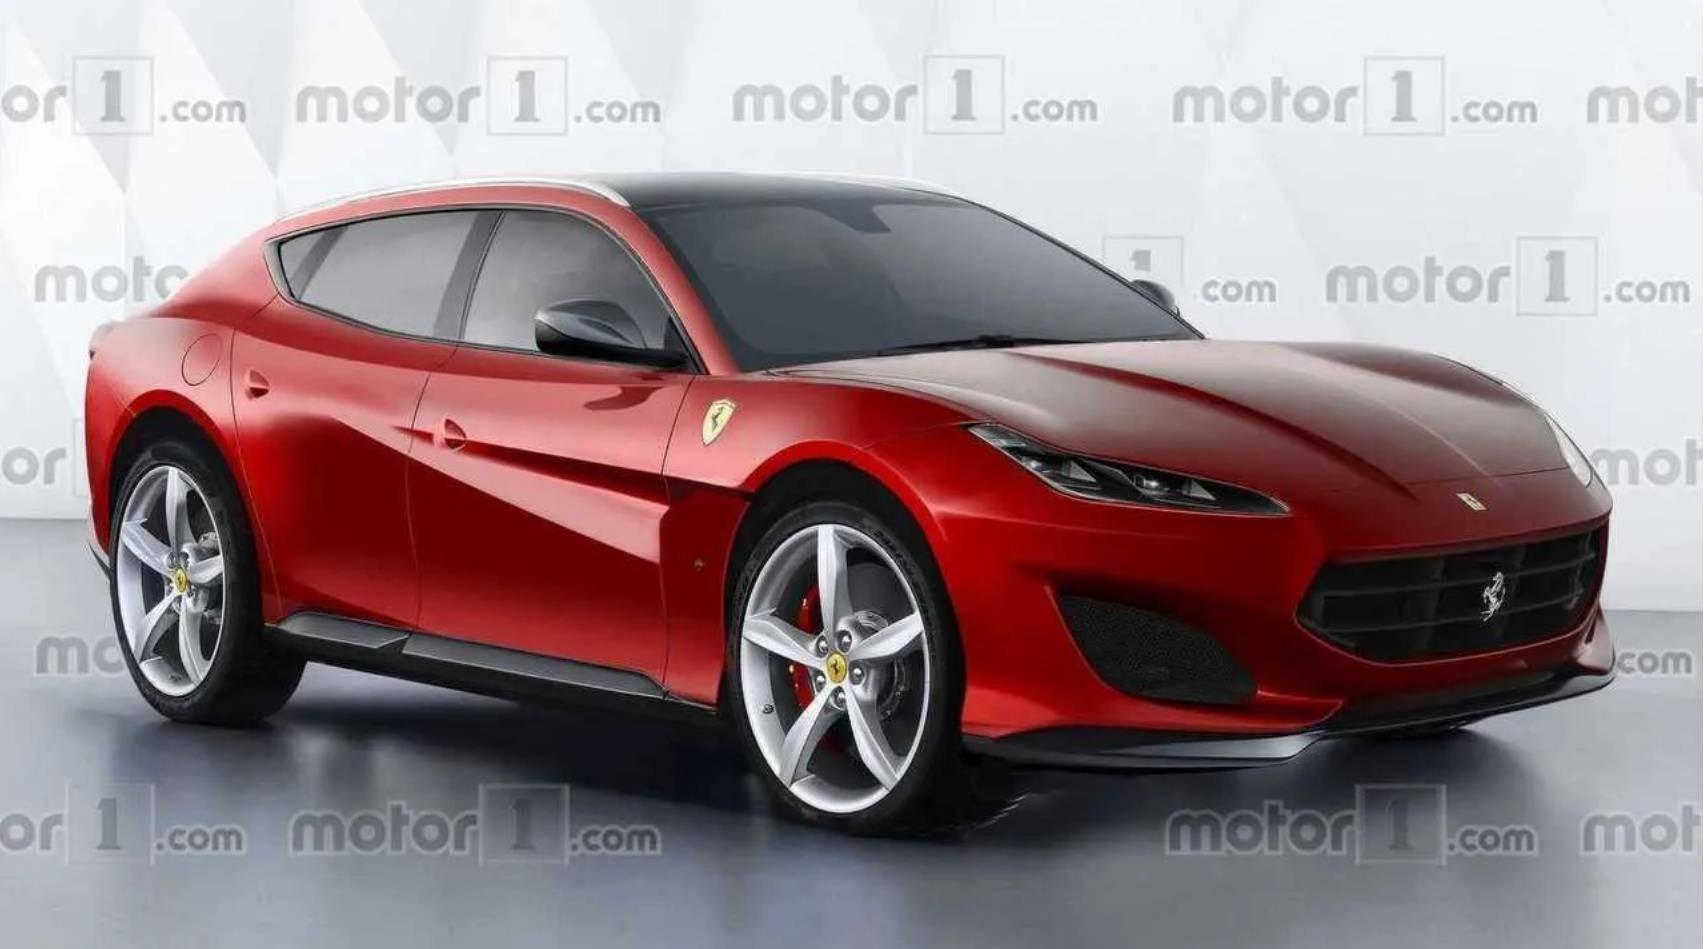 法拉利纯电动超级跑车计划展示4台450千瓦的发动机,并将于2024年上市